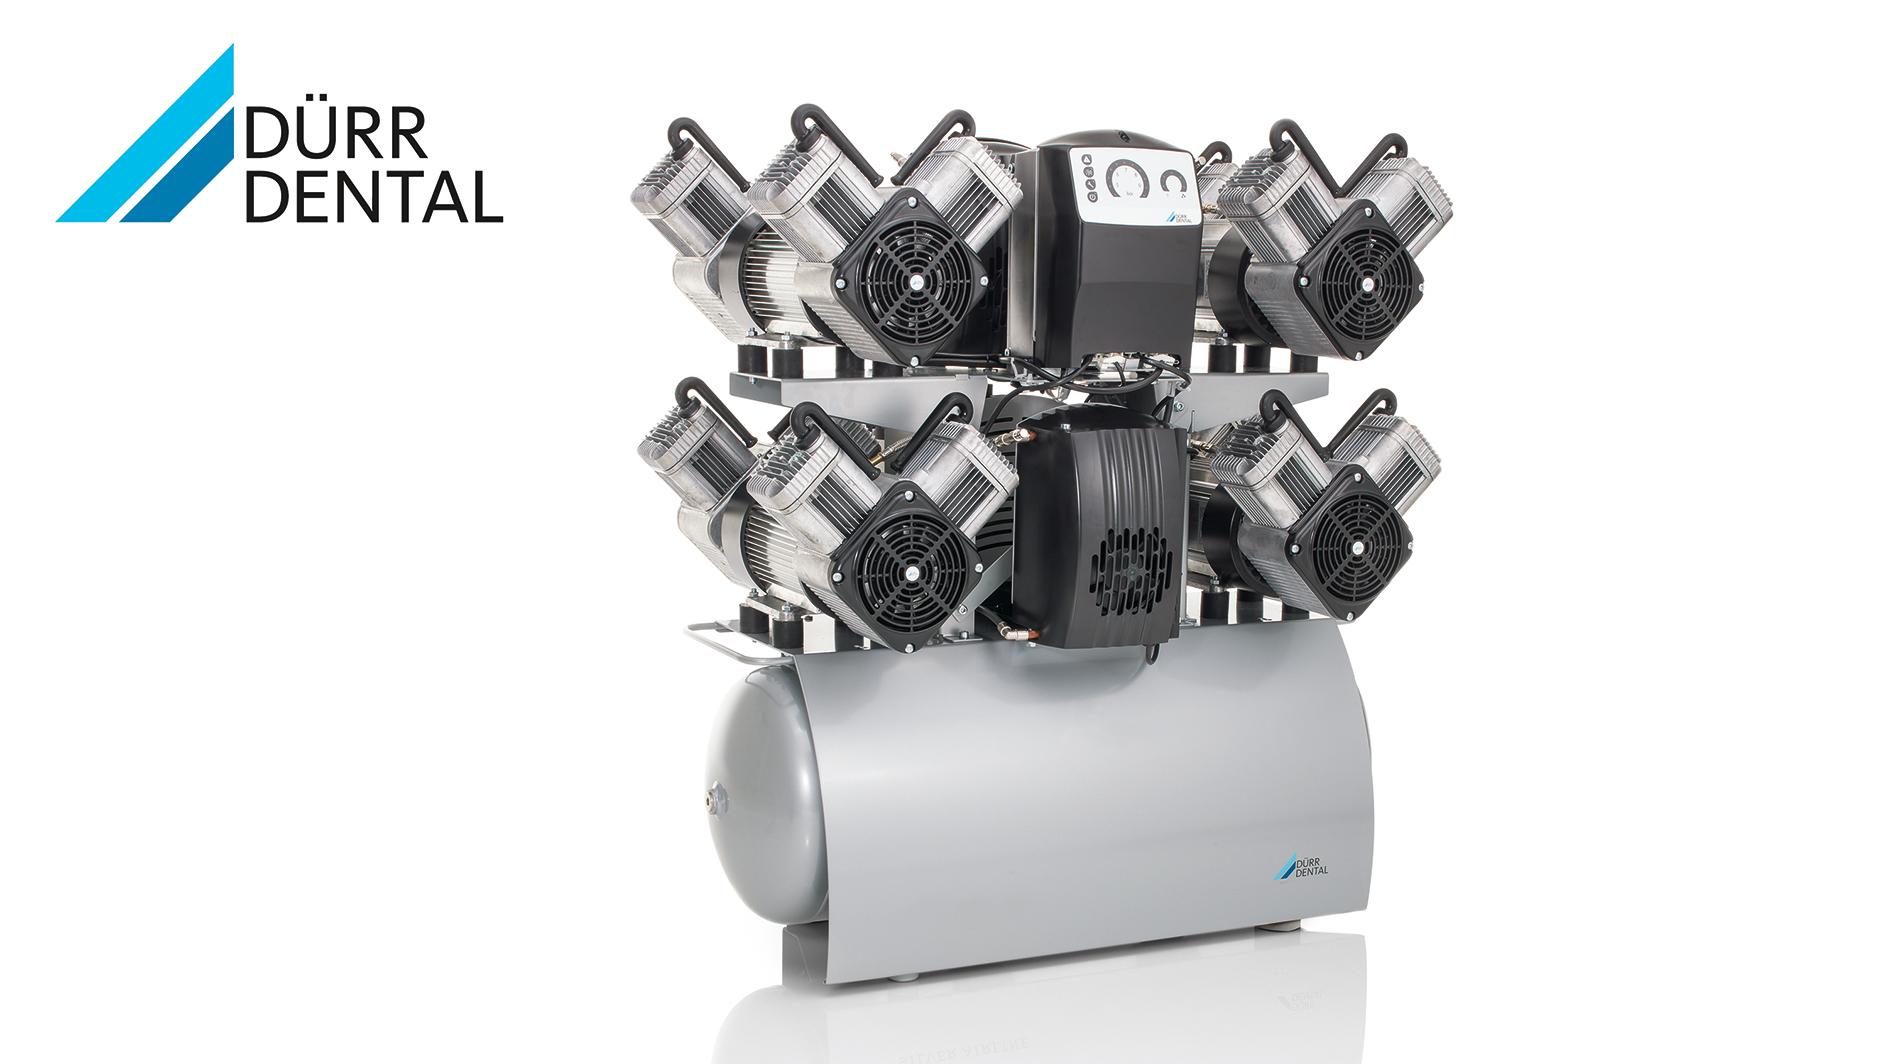 Compressor Quattro P 20 from Durr